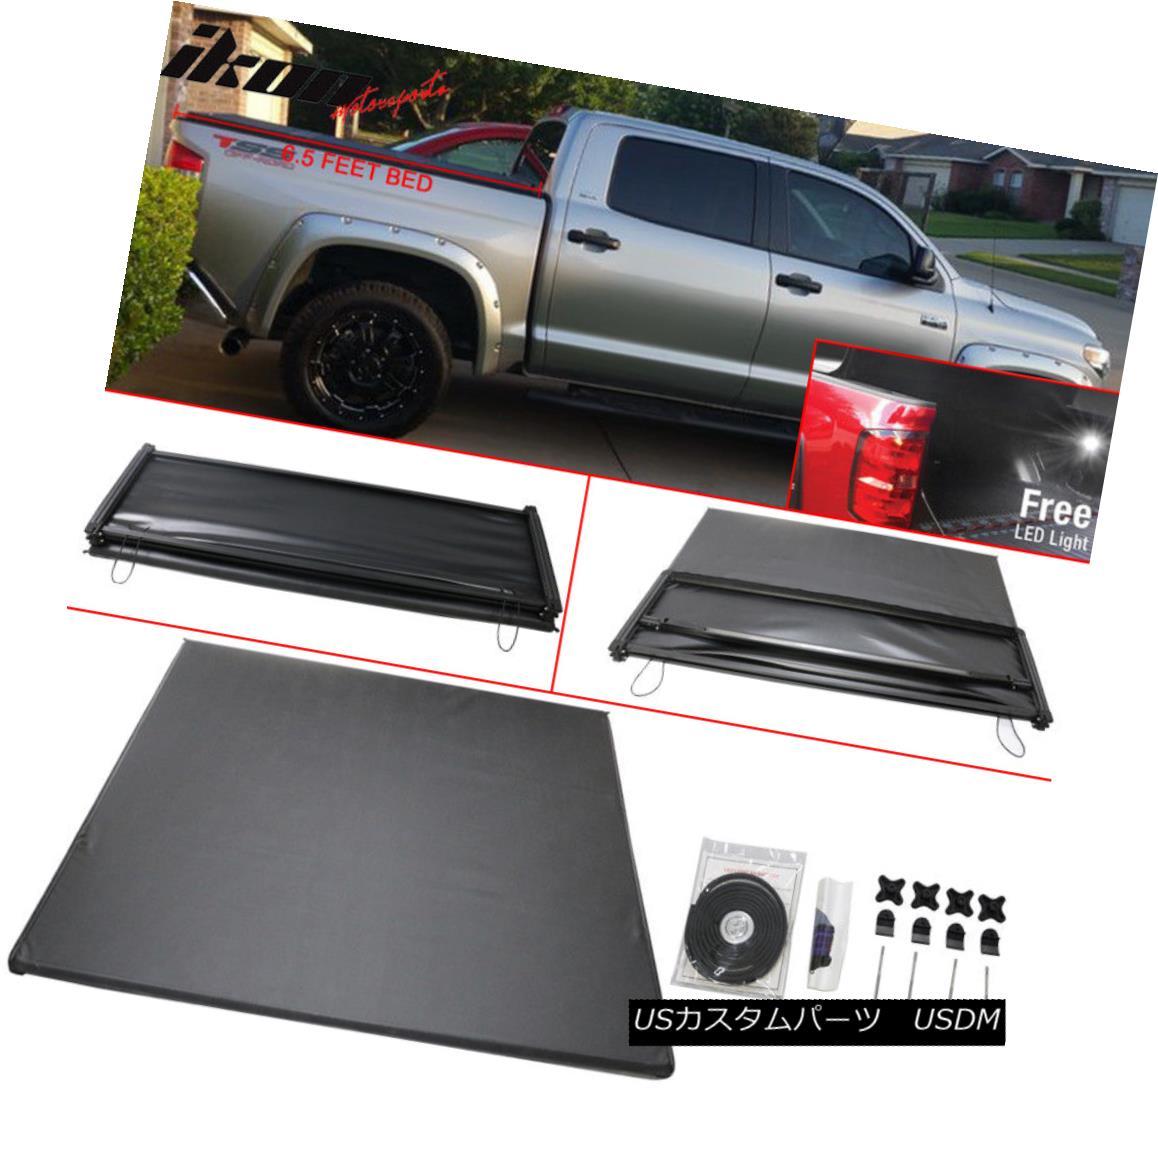 エアロパーツ For 14-17 Toyota Tundra 6.5 Feet Bed Tri-Fold Soft Tonneau Cover Black 14-17トヨタトンドラ6.5フィートベッドトライフォールドソフトトノーカバーブラック